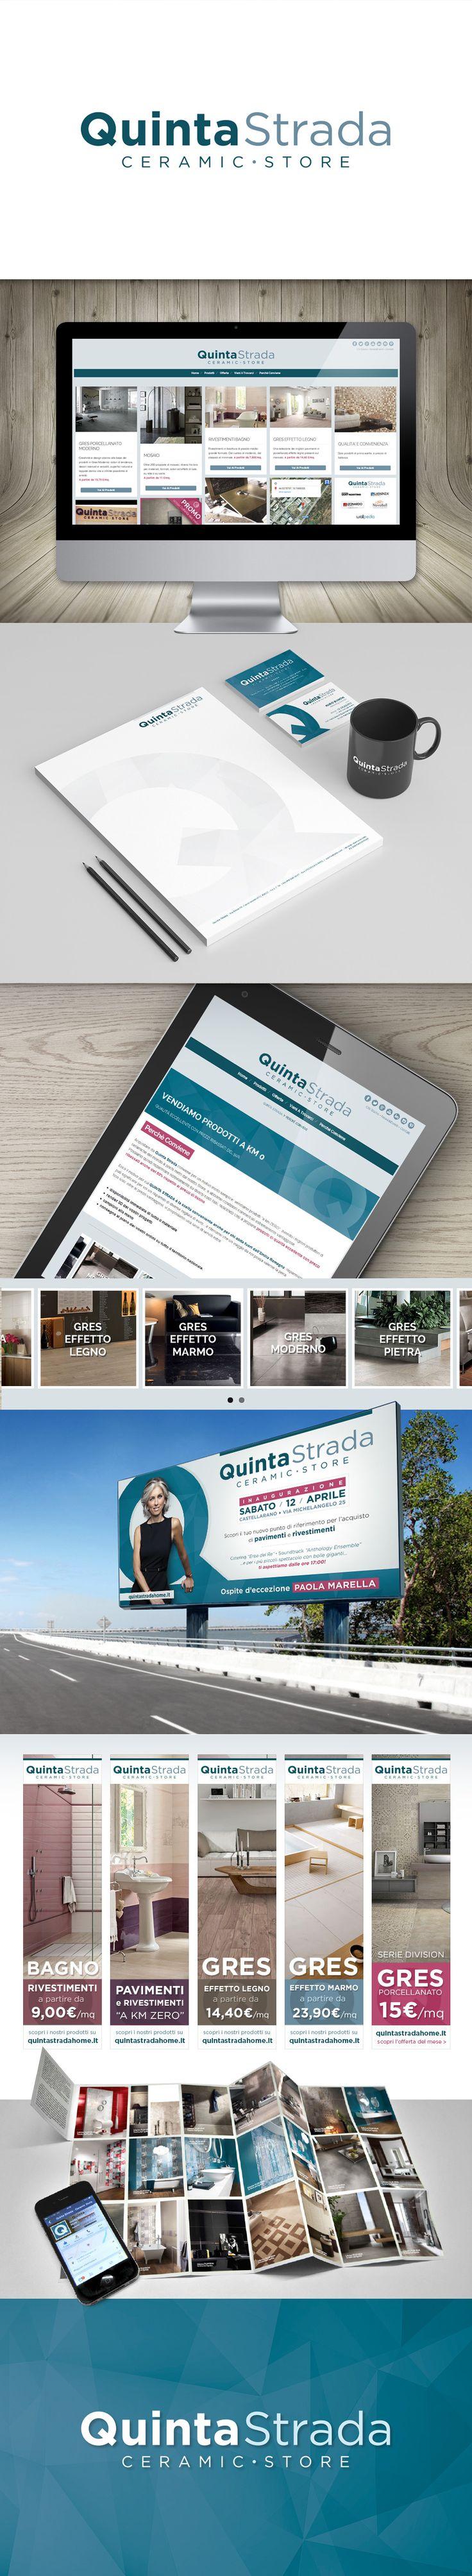 QuintaStrada - Commercio pavimenti e rivestimenti. Quinta Strada Ceramic Store è il nuovo punto di riferimento per l'acquisto di pavimenti e rivestimenti.  #naming #logodesign #brandidentity #webdesign #webmarketing #socialmarketing #graphicdesign #stampa